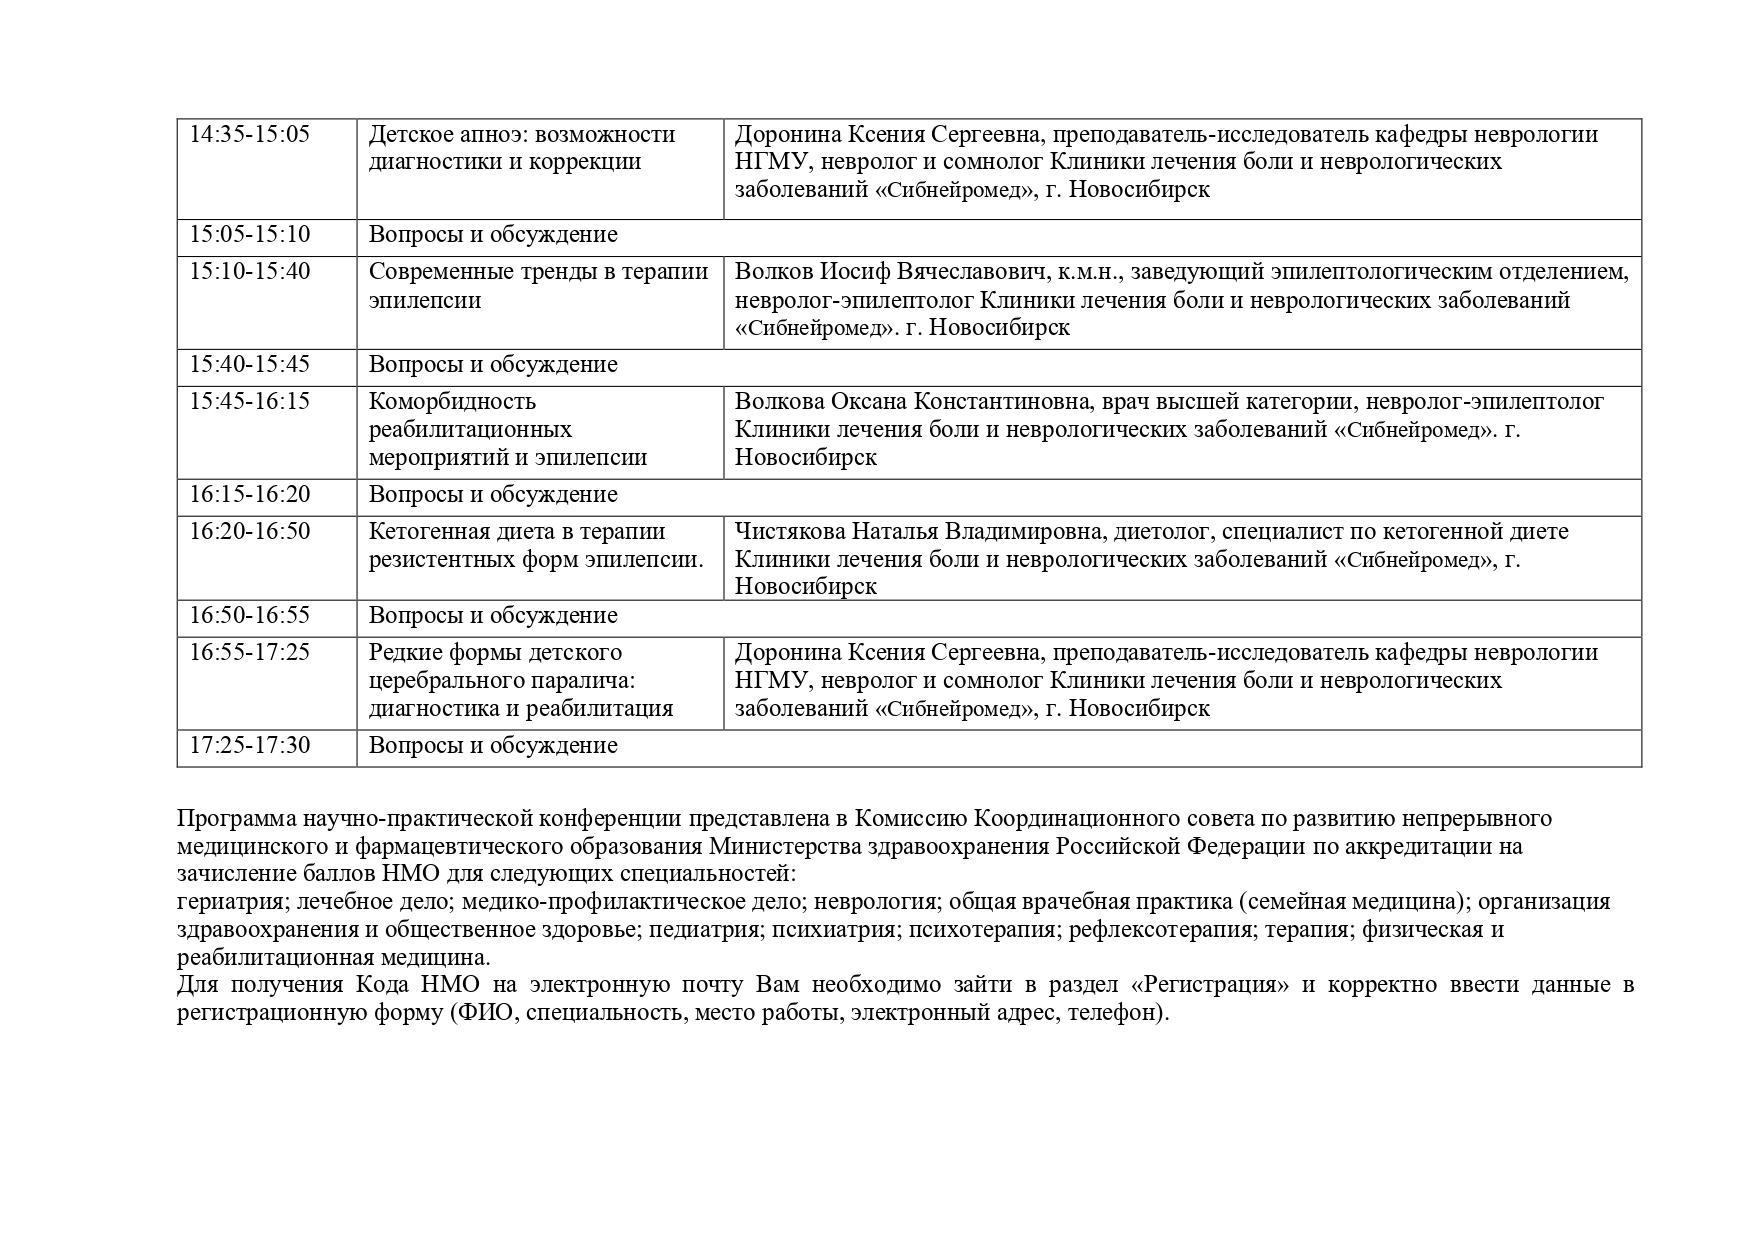 Programma-29.05.21-na-sayt-Novye-pravki-6_page-0003